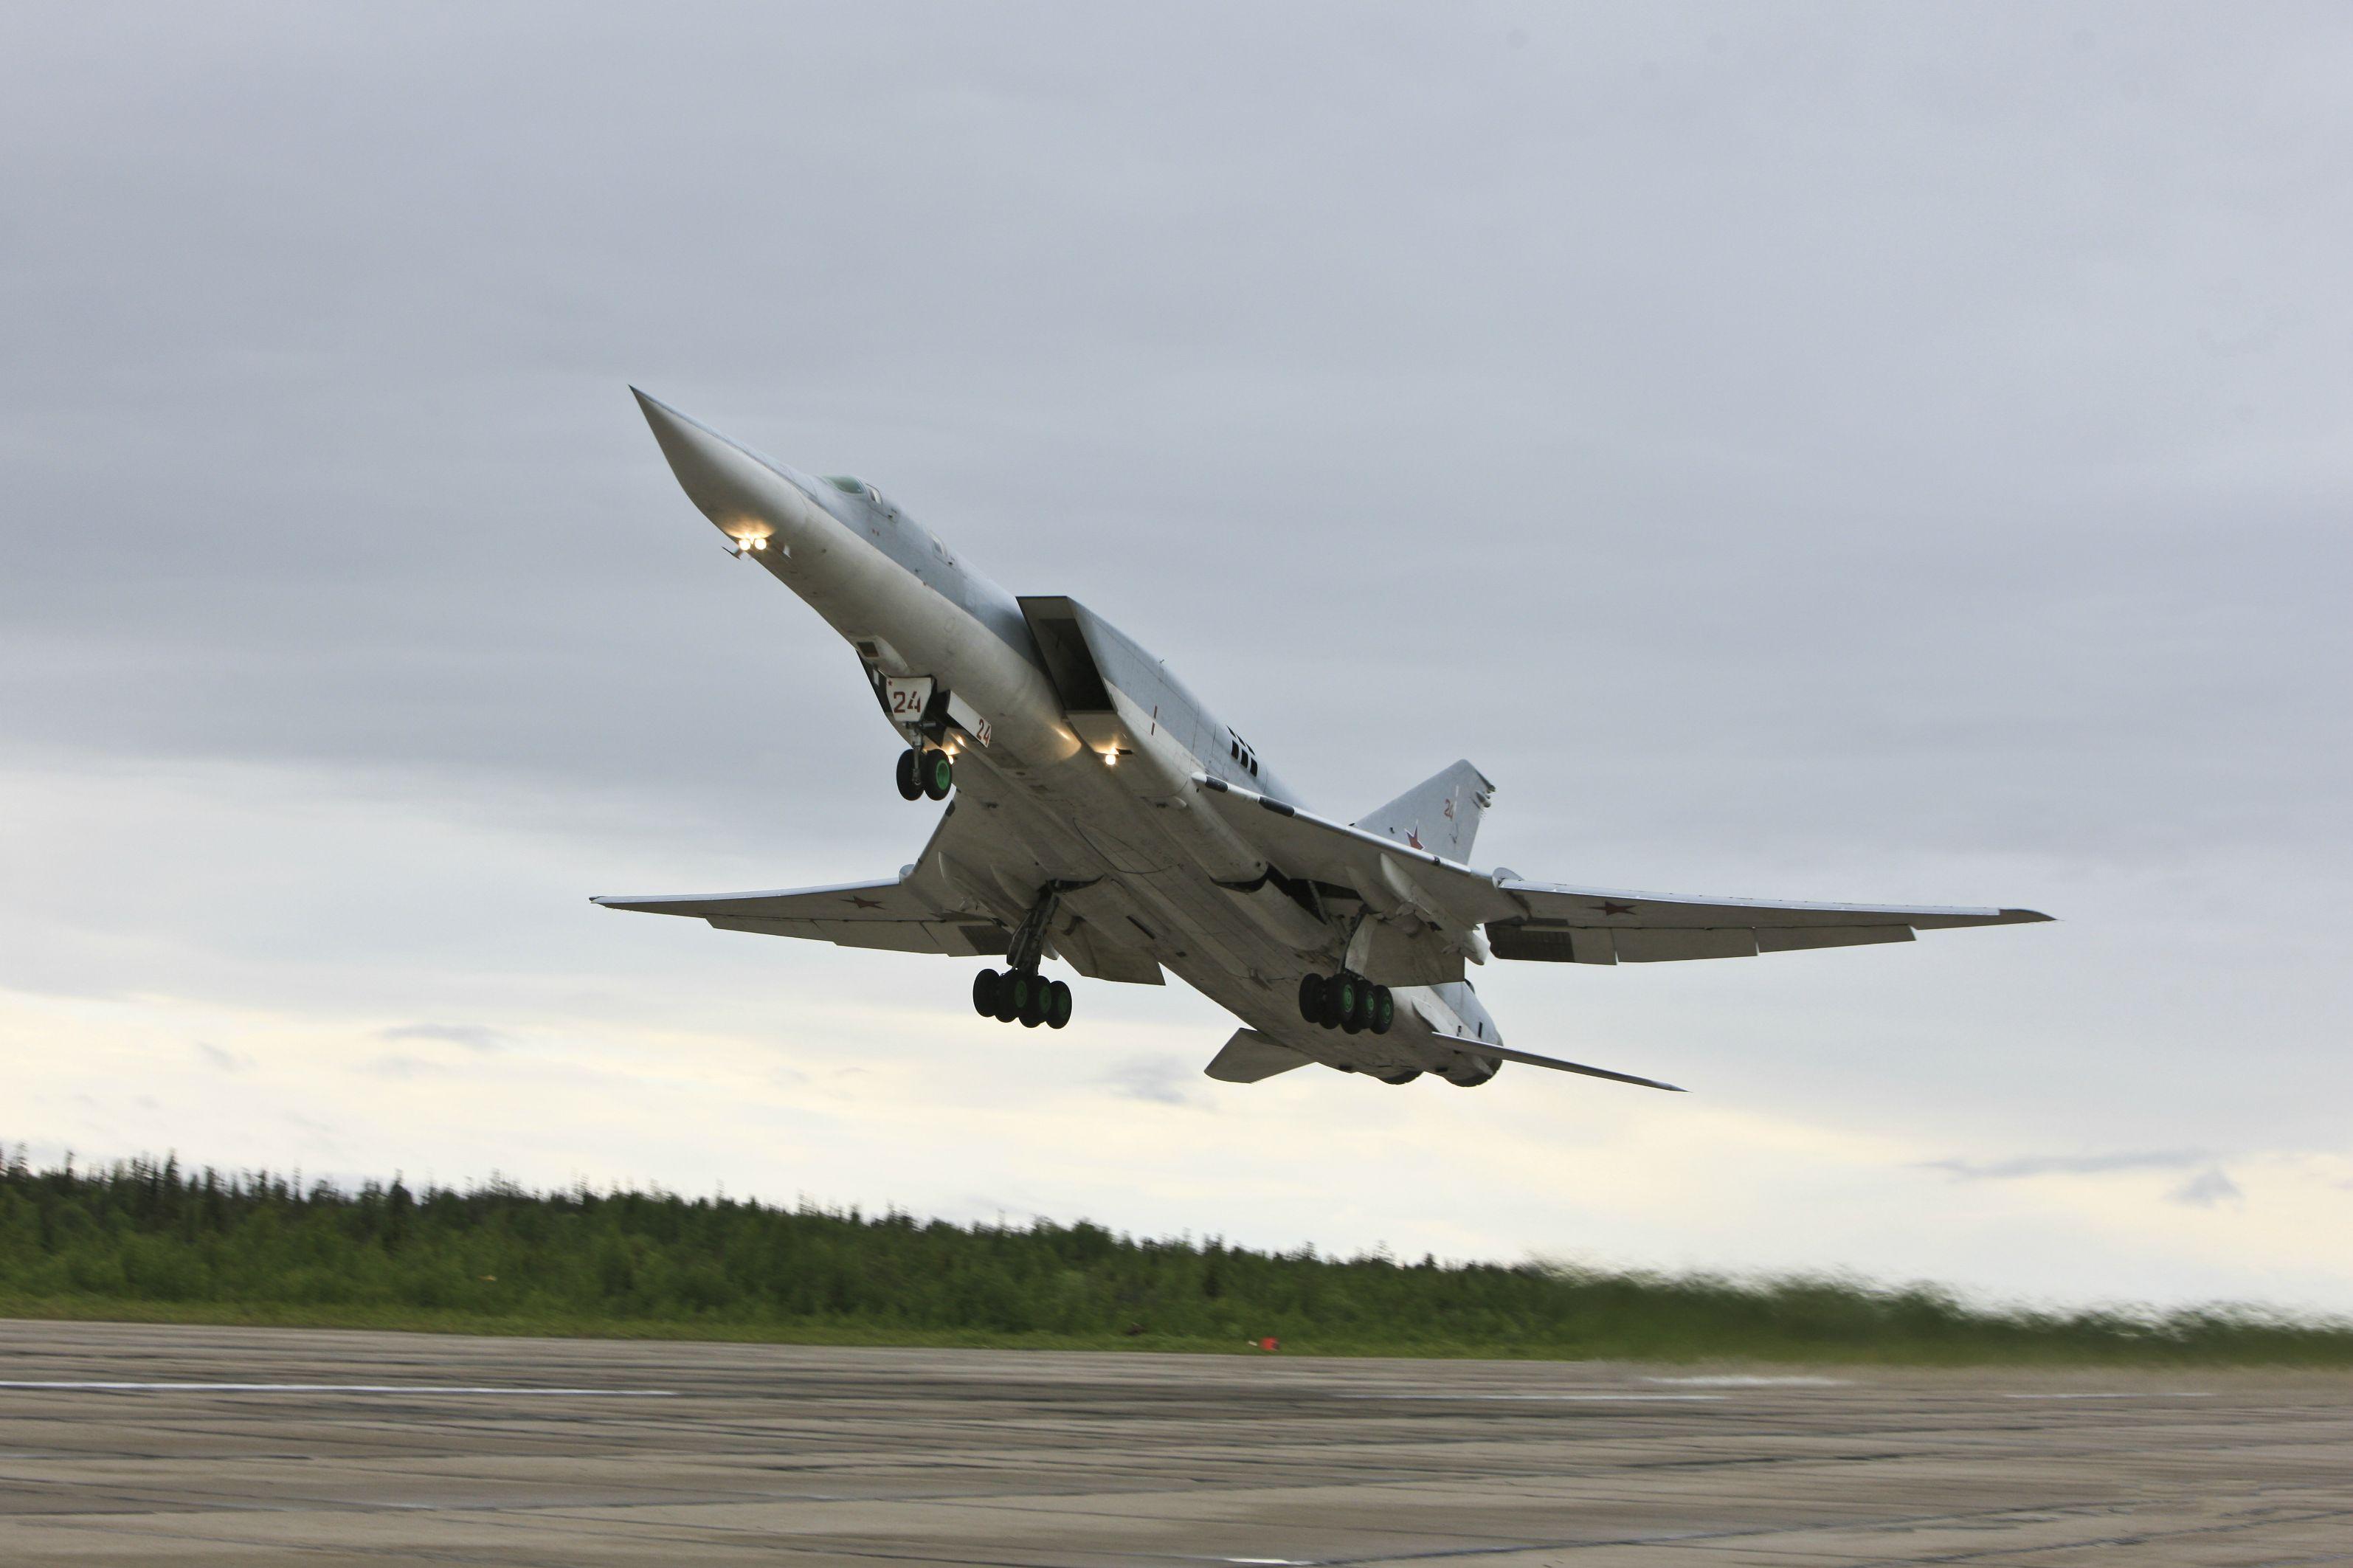 რუსეთის სამხედრო საჰაერო ძალების  Ty-160,Ty-95mc და Ty-22m3 ტიპის ბომდამშენი თვითფრინავები ფრთოსანი რაკეტებითდა საავიაციო ბომბებით მასიურად ბომბავენ სილამური სახელმწიფოს სამხედრო ობიექტებს